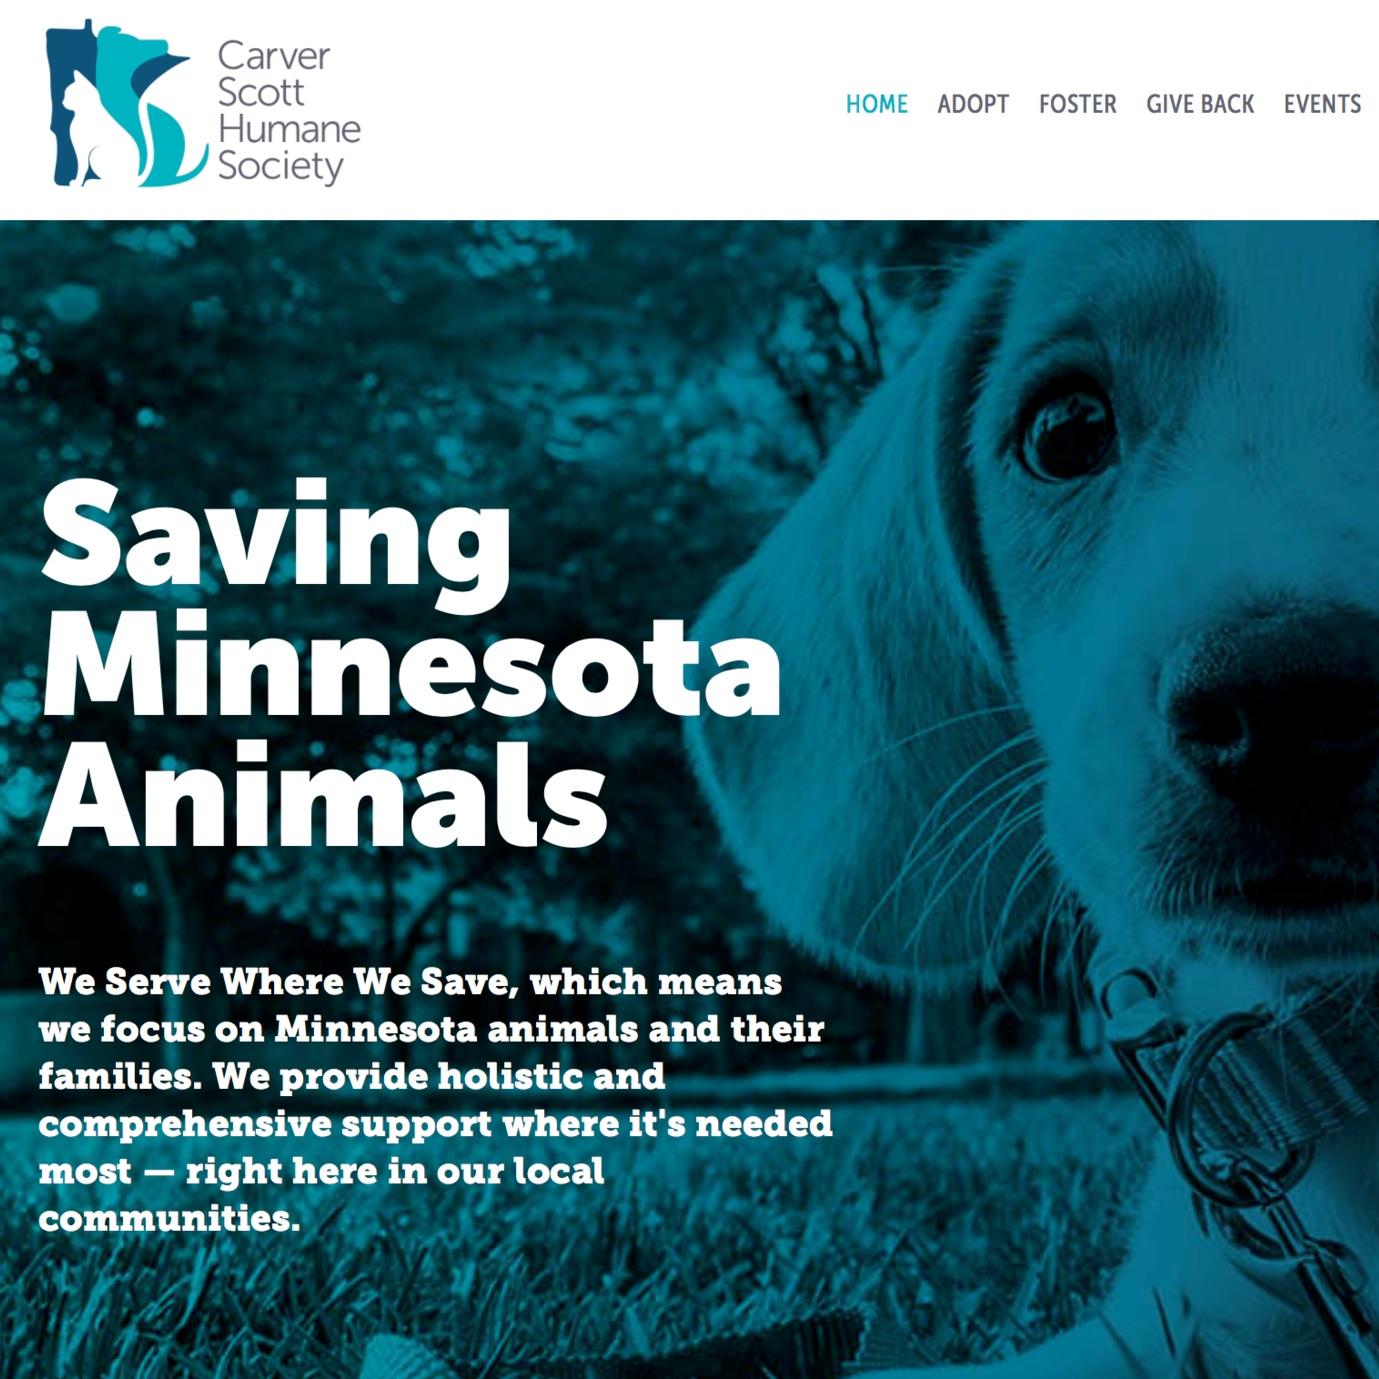 Carver Scott Humane Society